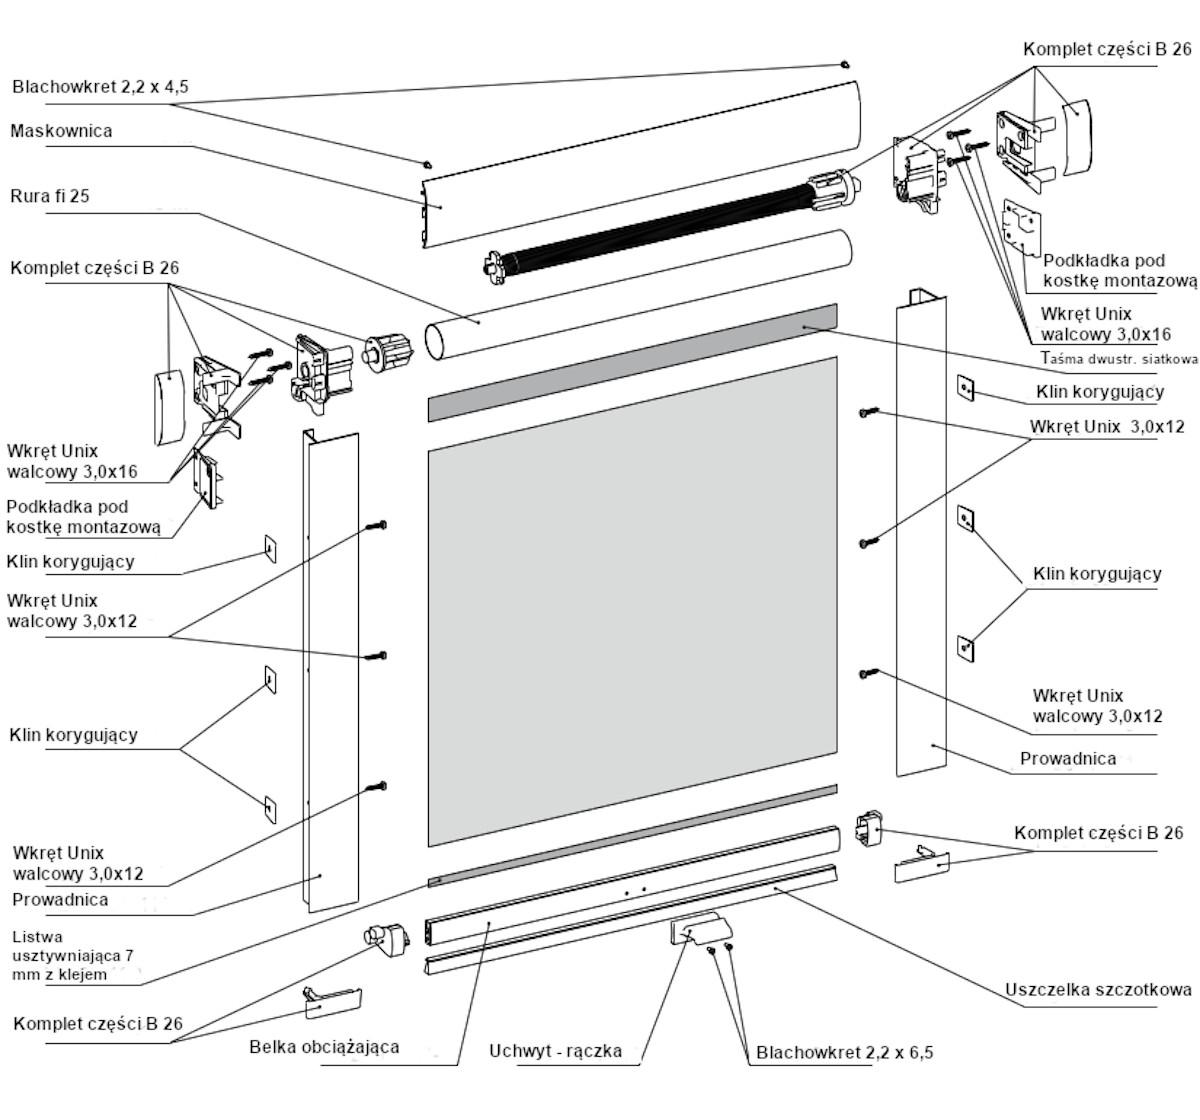 Wykaz-komponentow-System-B26.jpg